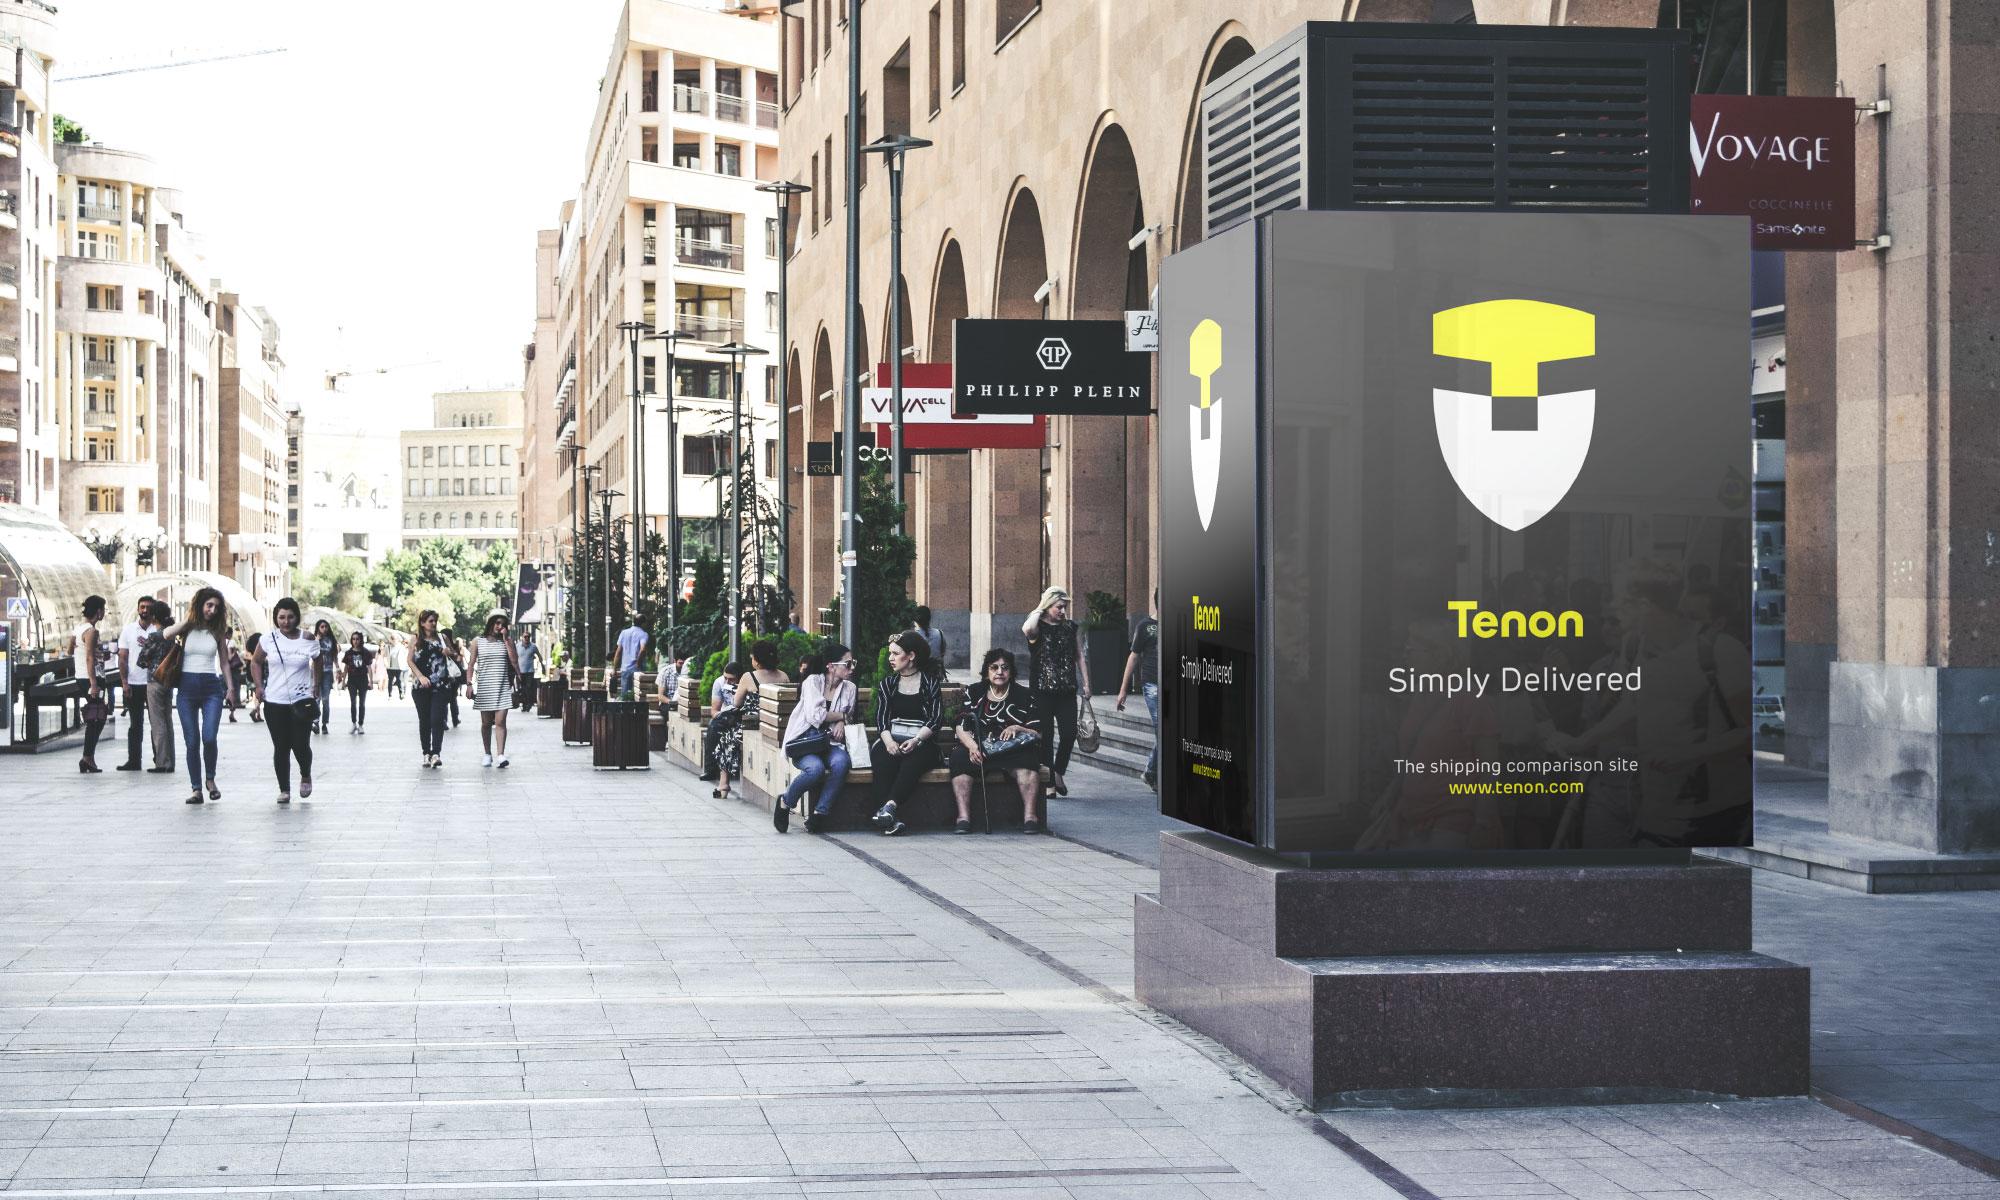 Tenon billboard